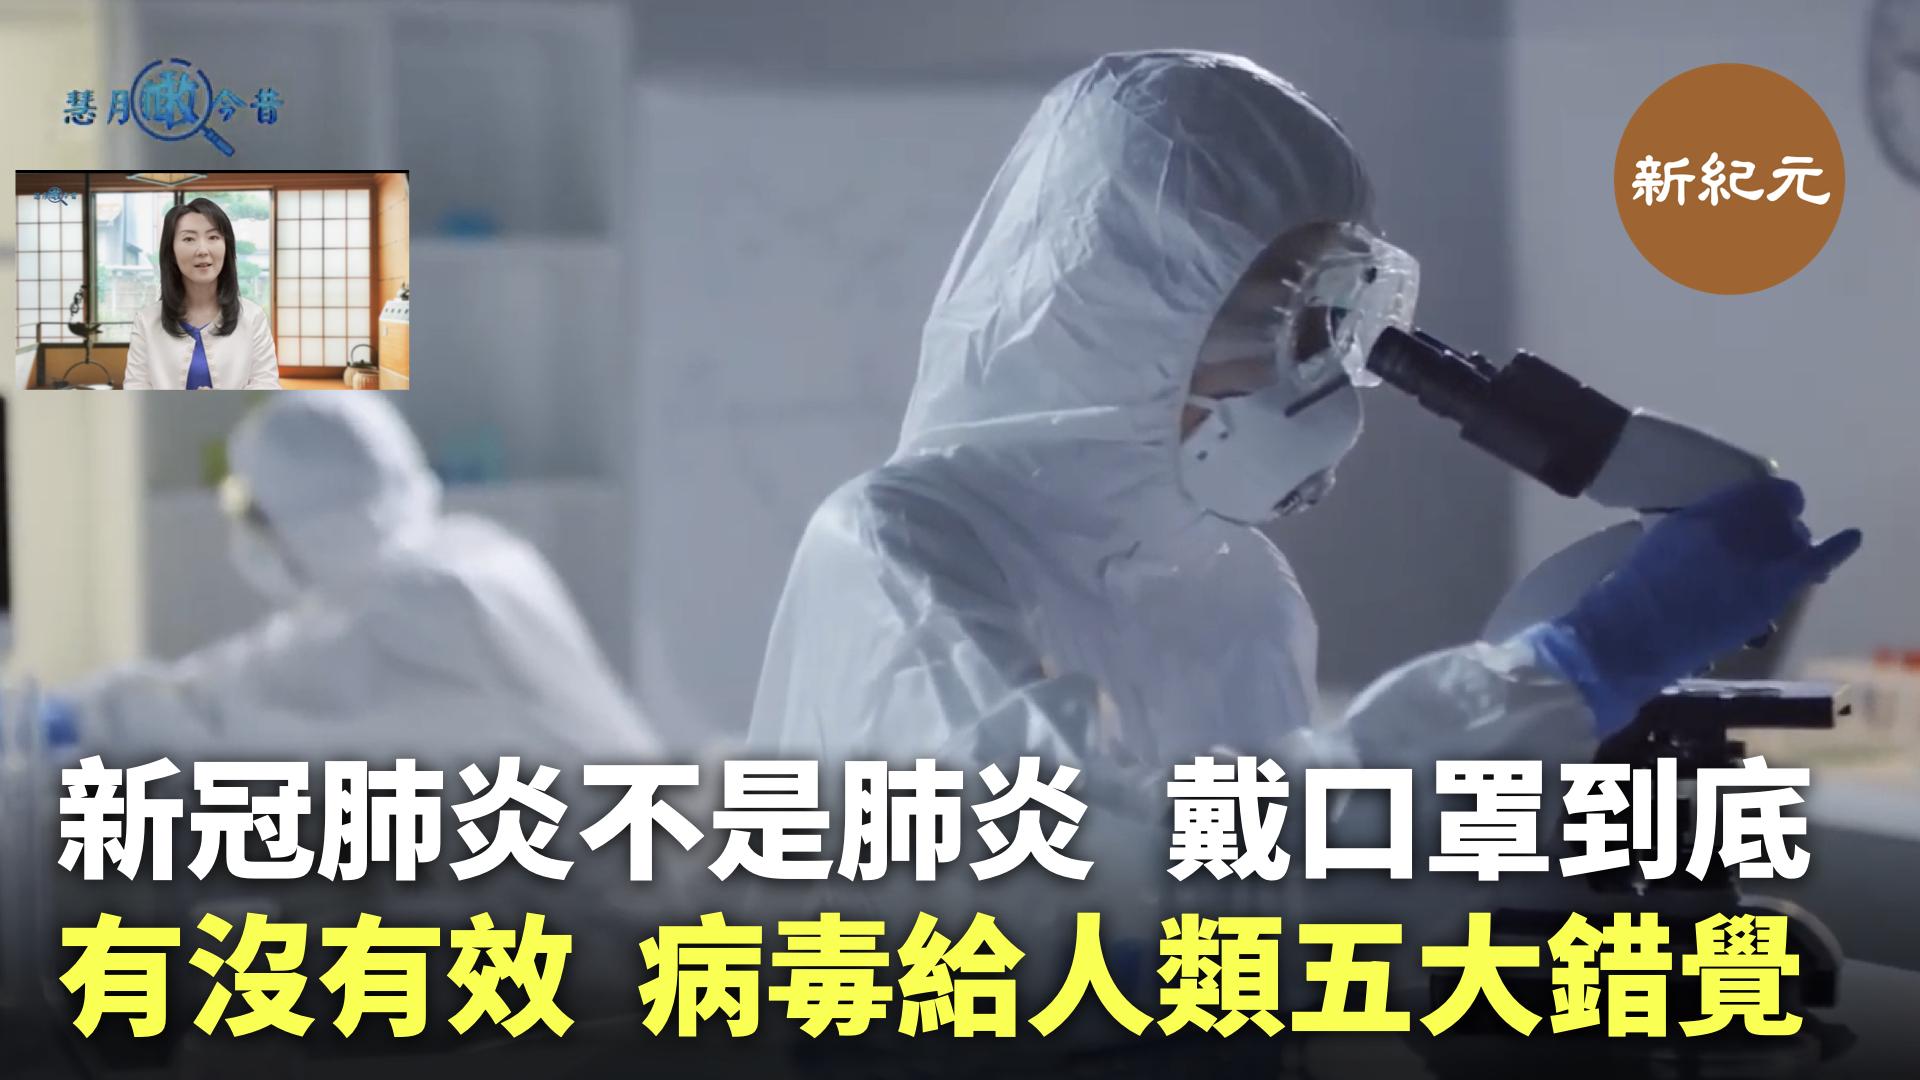 《慧月瞰今昔》新冠肺炎不是肺炎?戴口罩到底有沒有效 病毒給人類五大錯覺|#新紀元